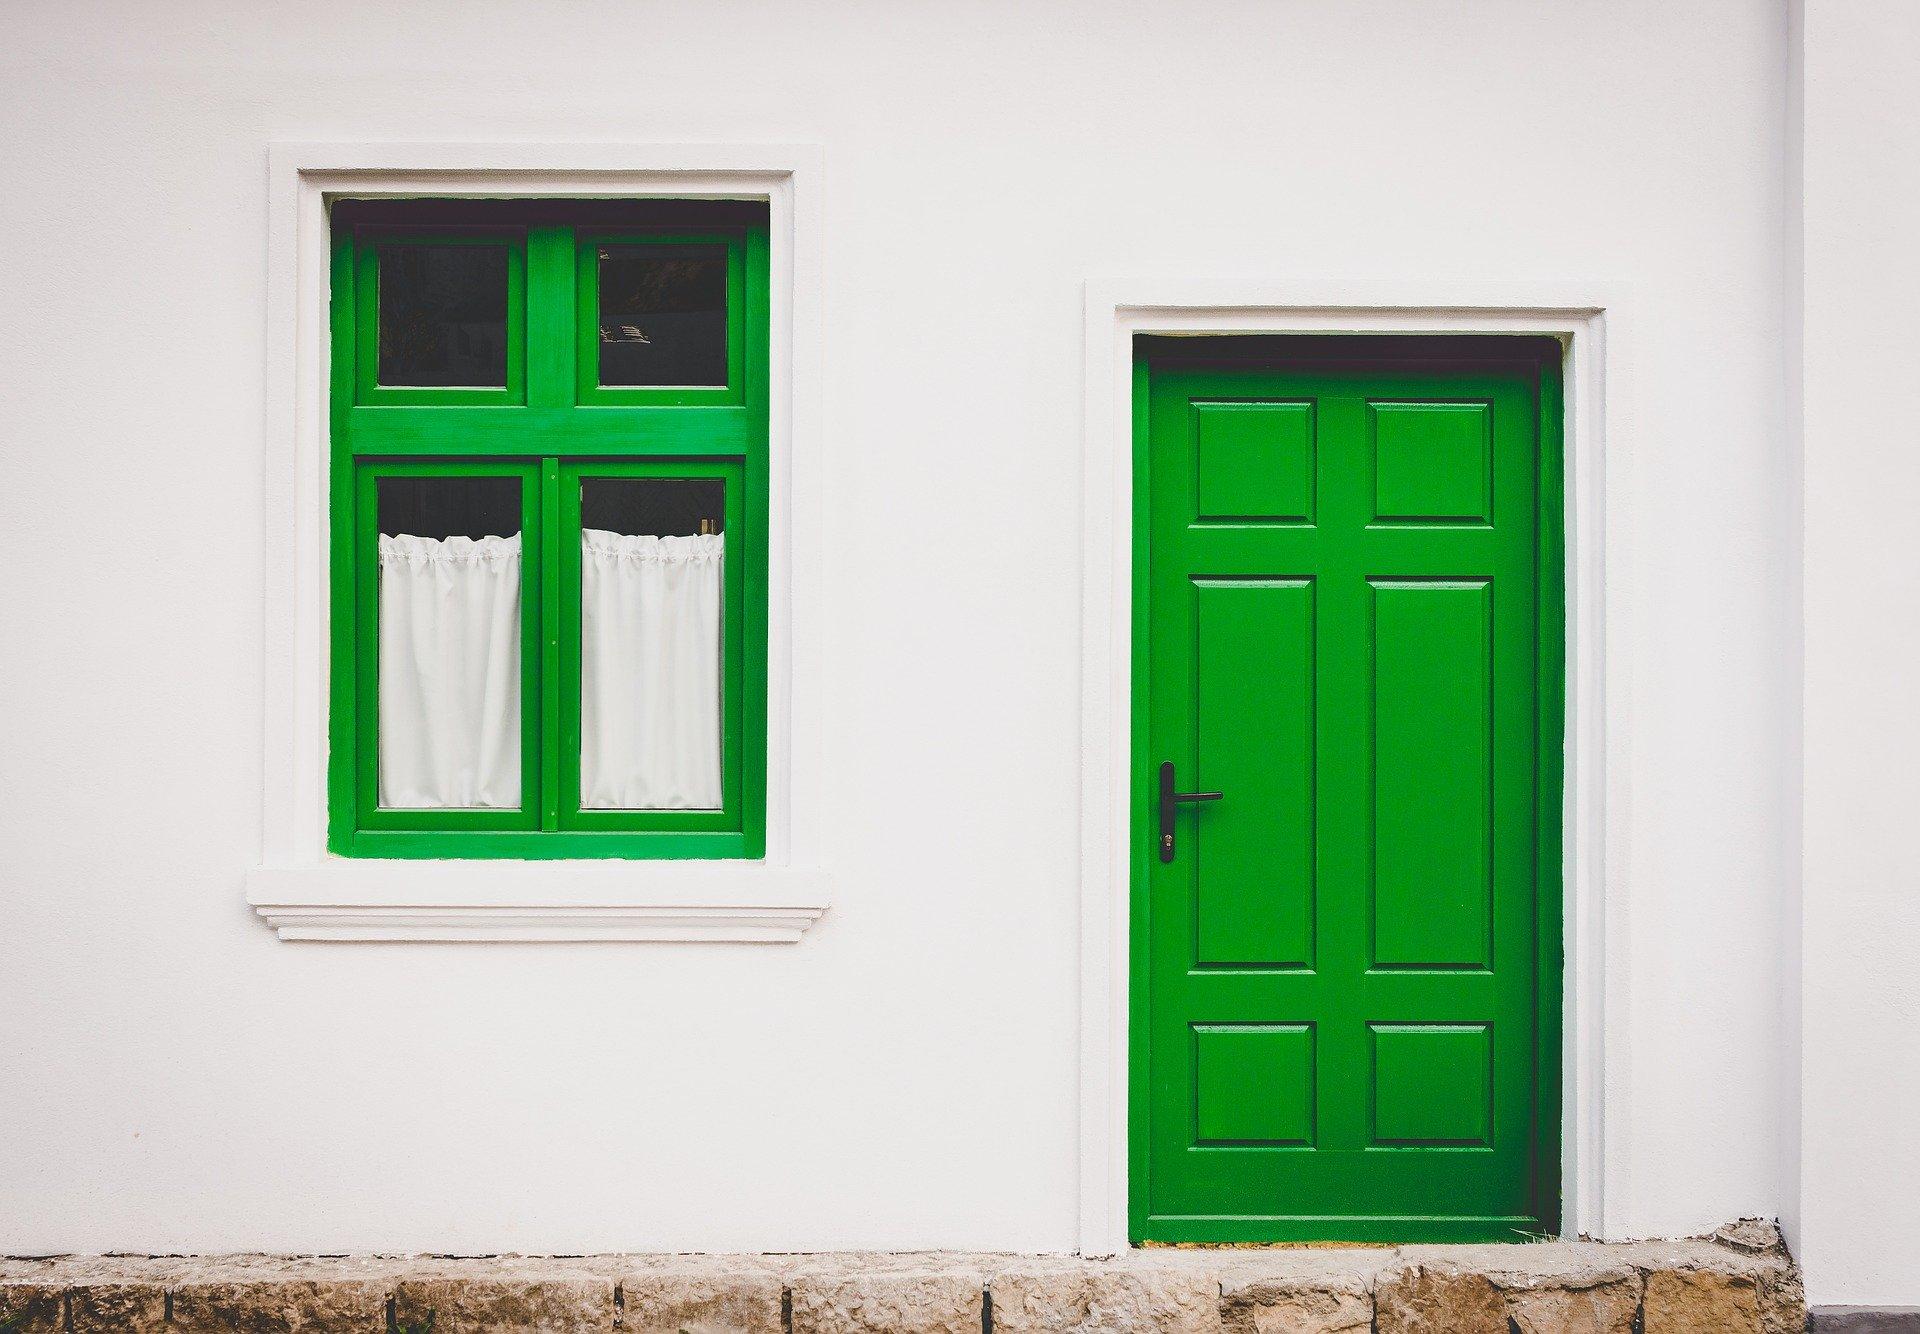 Hausfassade mit grüner Tür